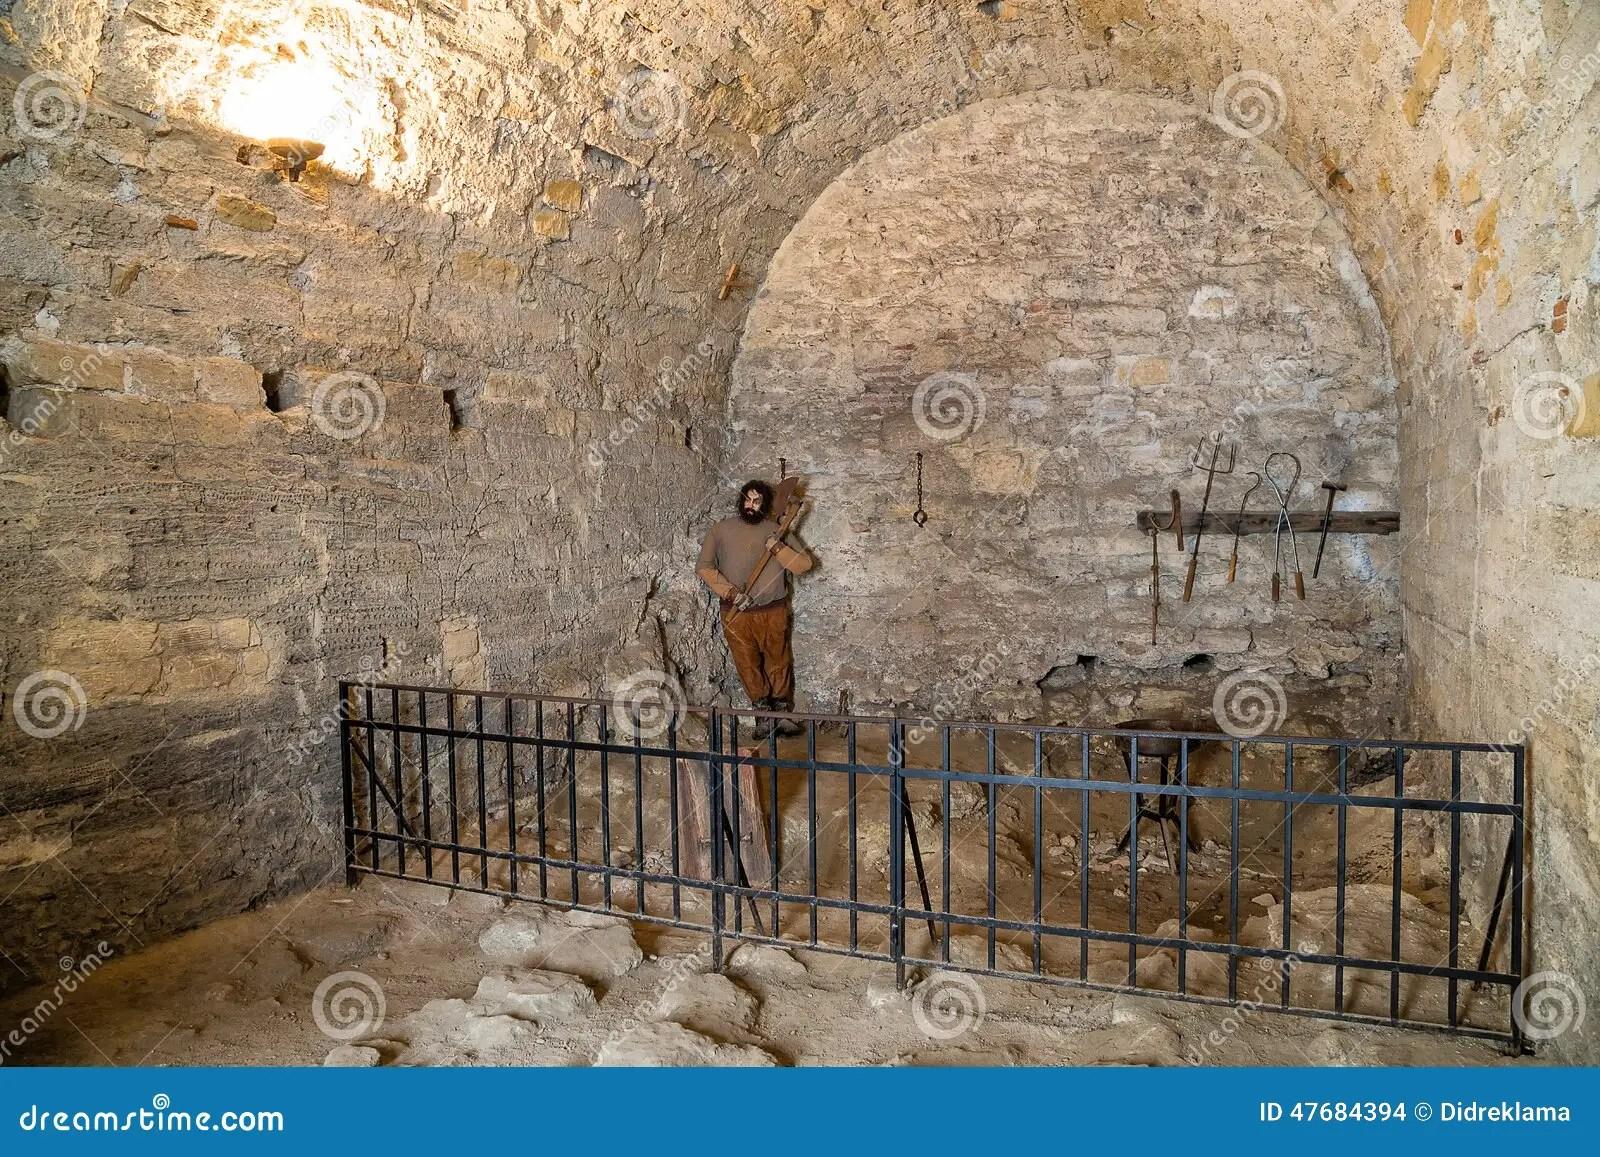 Medieval Prison In Baba Vida Fortress Stock Photo  Image